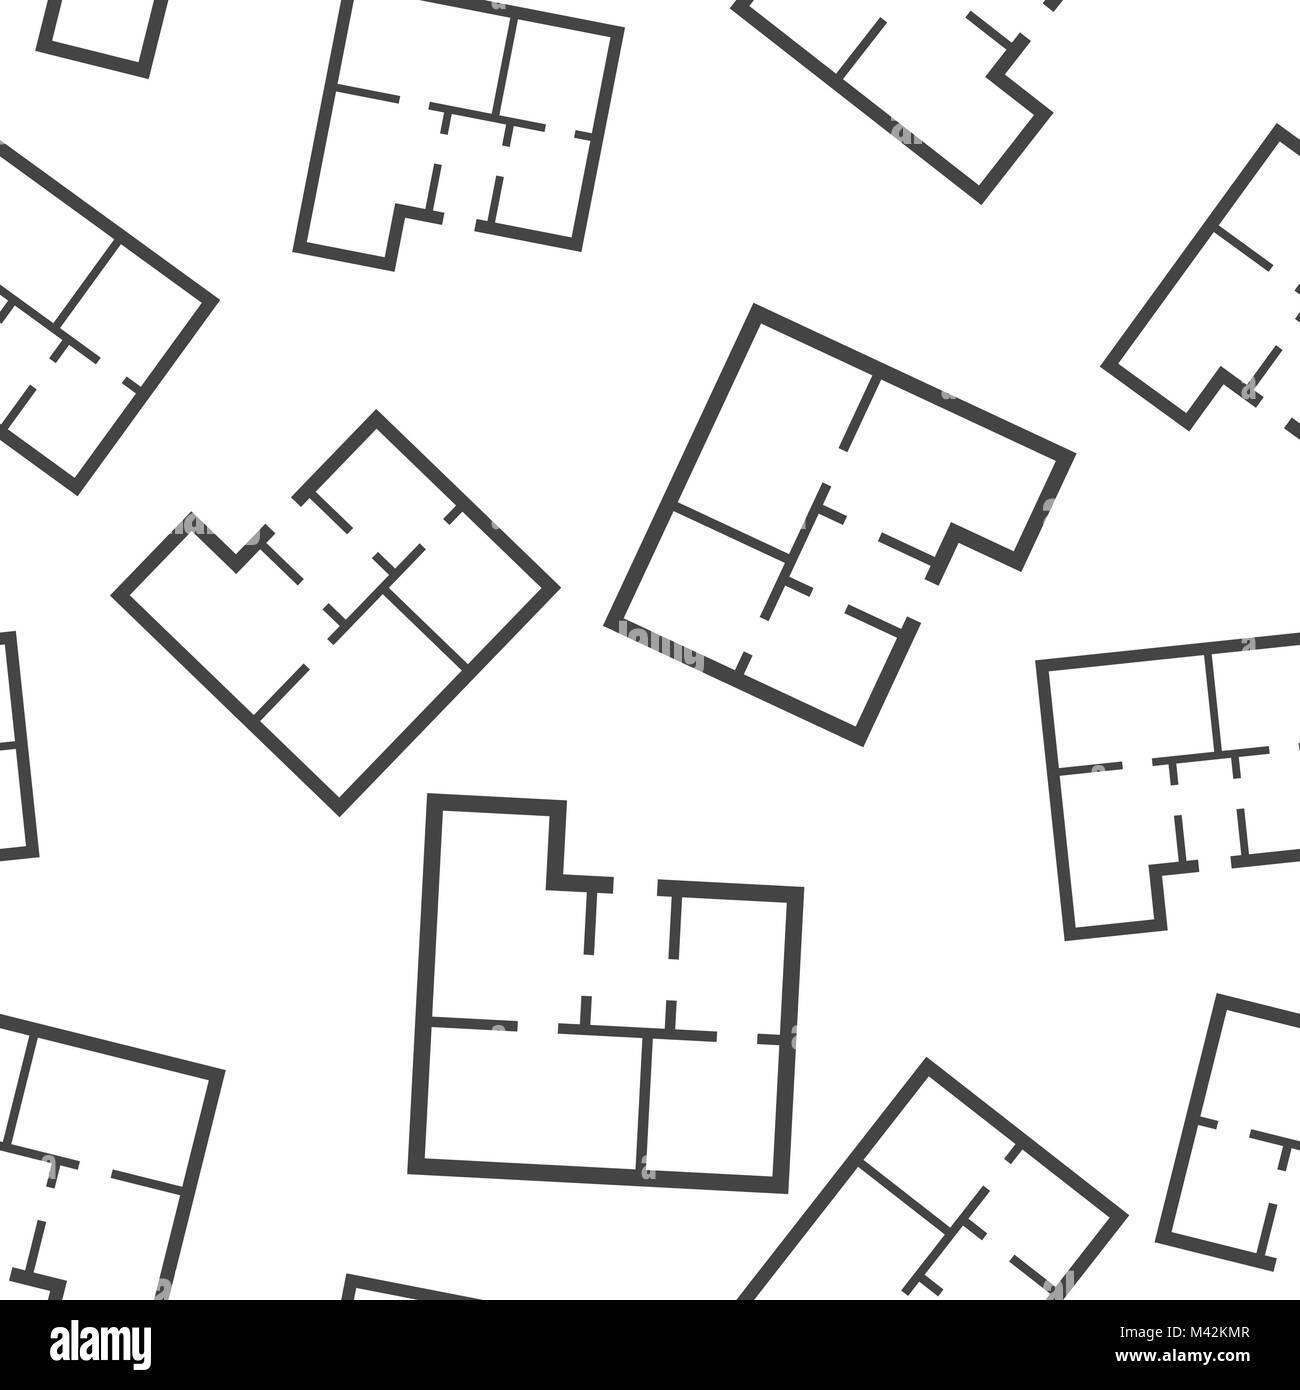 Plan De Maison De Fond Transparent Business Flat Vector Illustration Le Symbole Plan De Maison Modele Image Vectorielle Stock Alamy